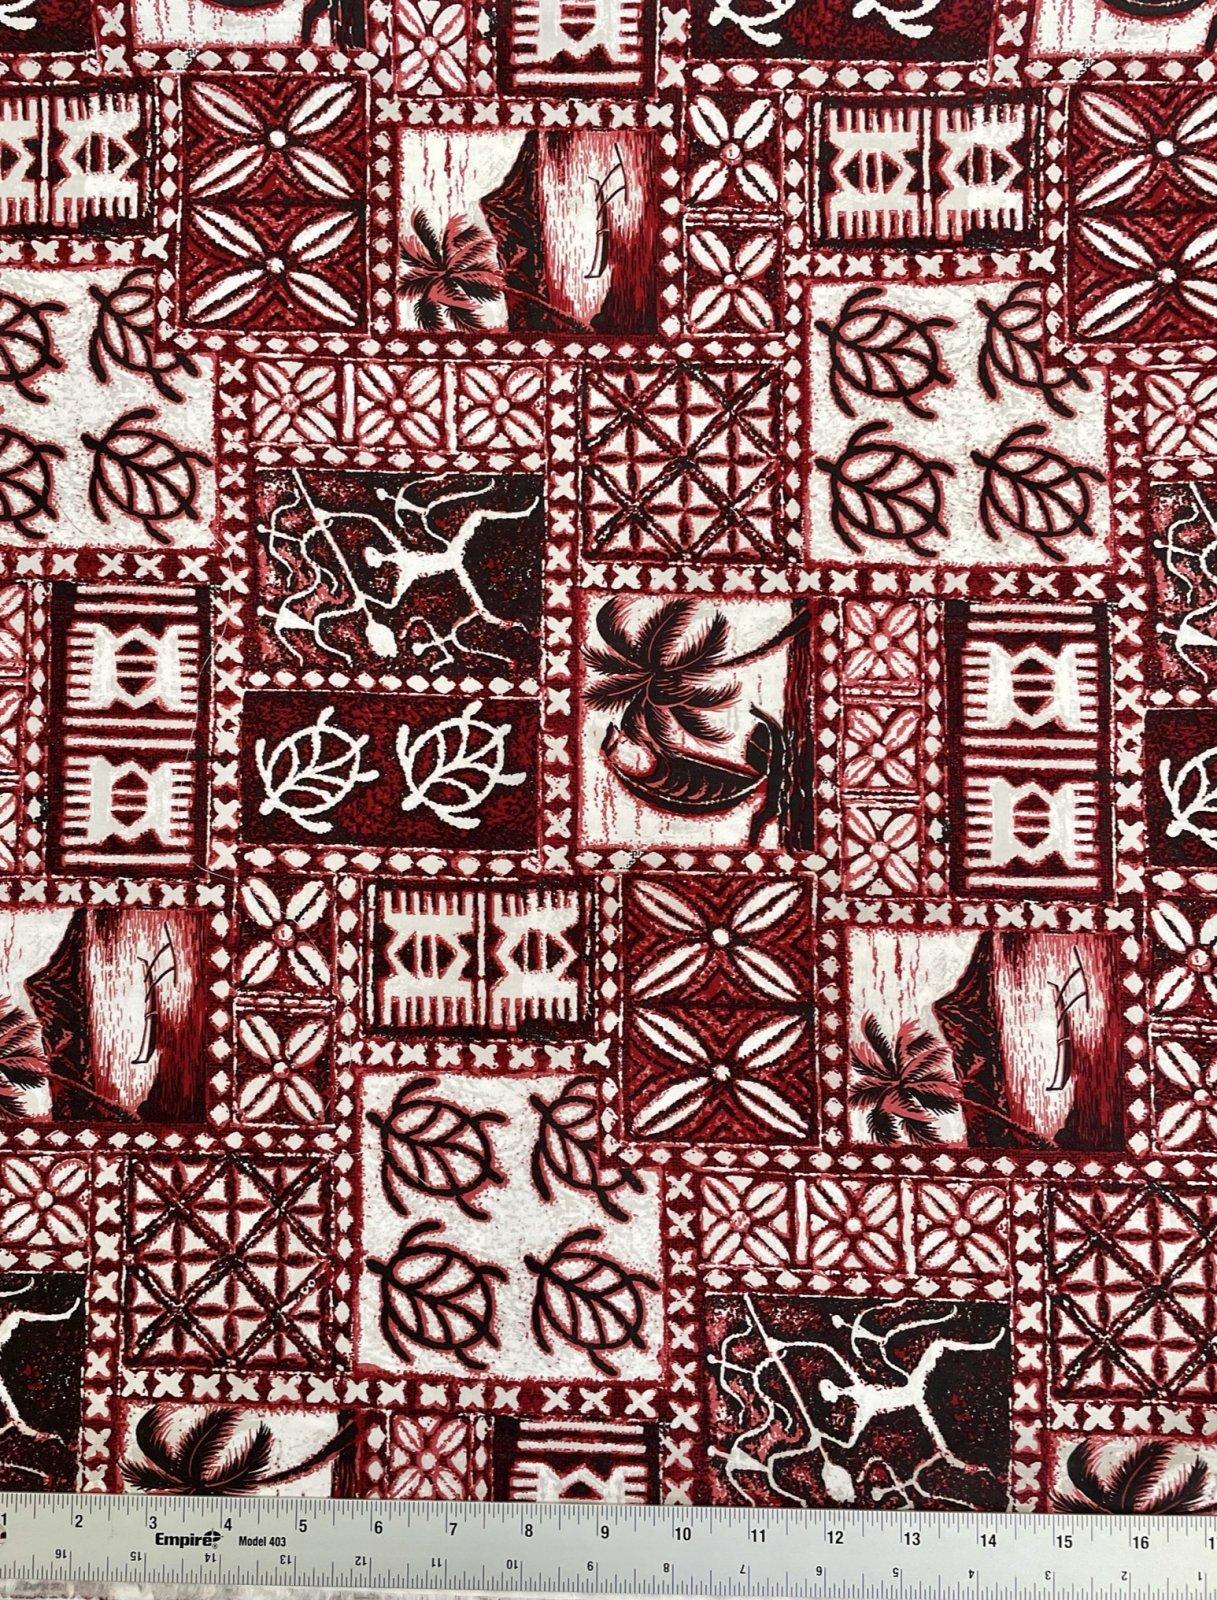 kapa tribal print on burgandy